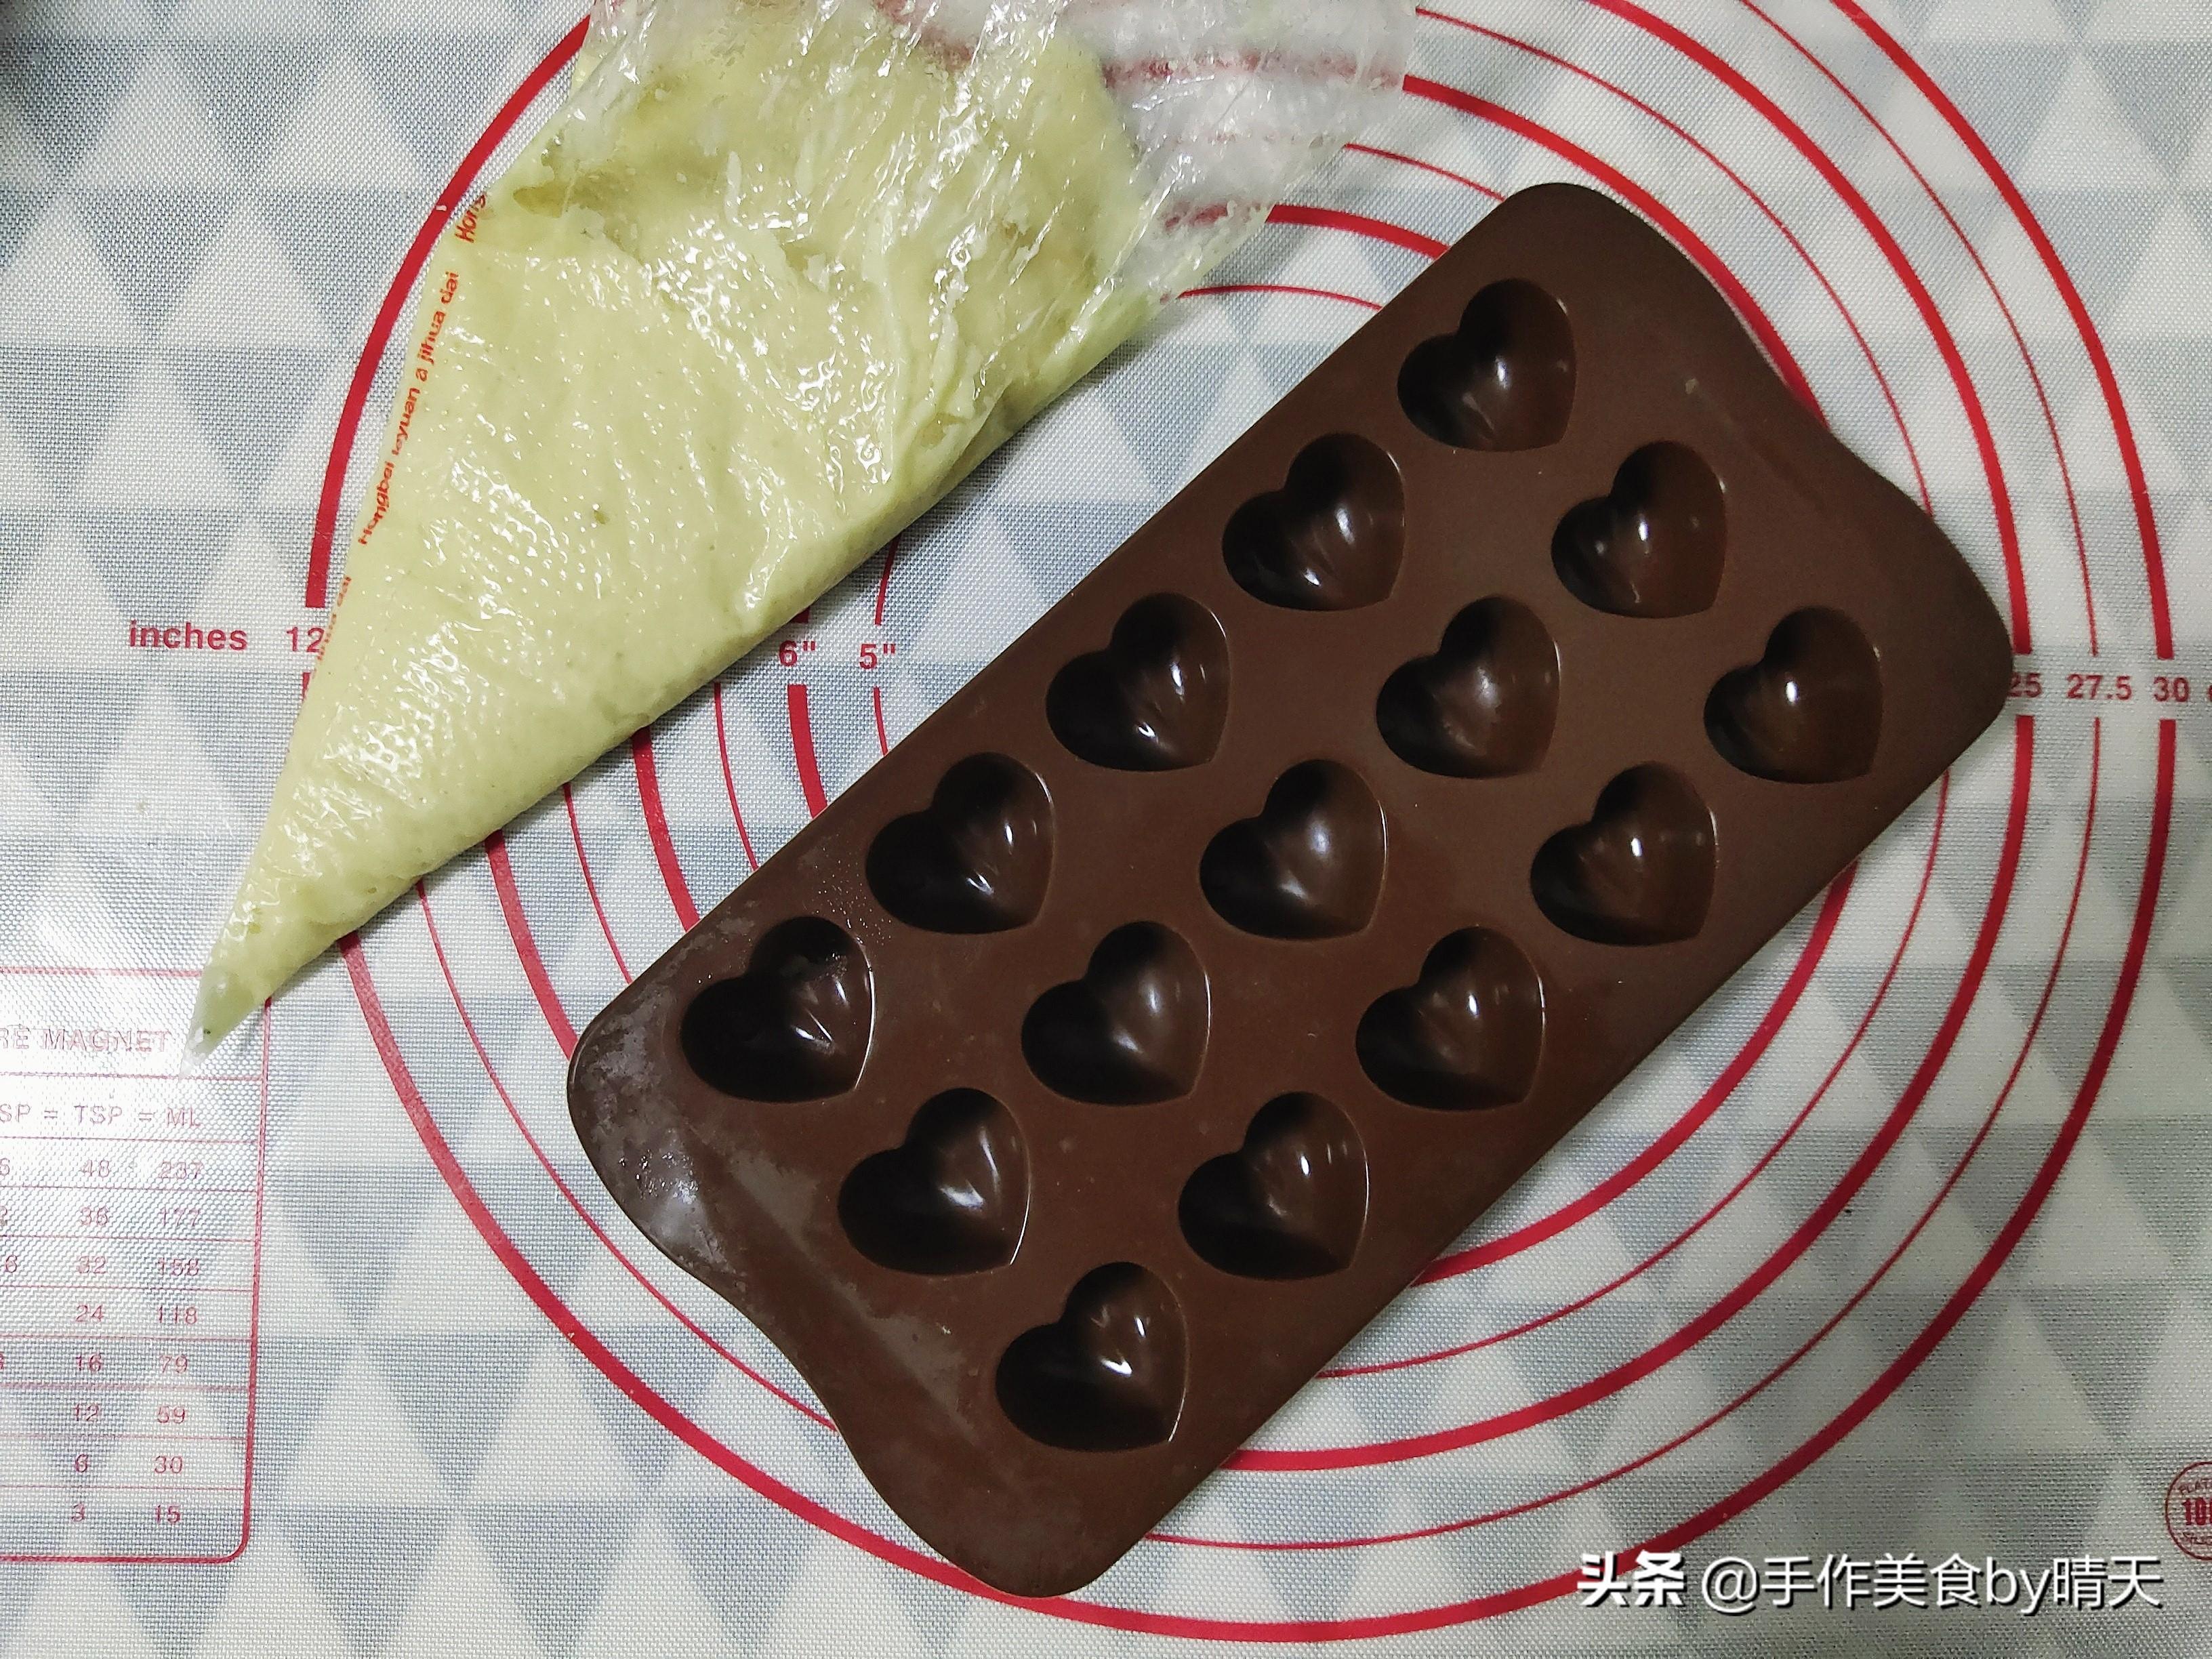 爆浆冰皮月饼想吃就做,附奶黄馅及金沙流心制作#头条美食#